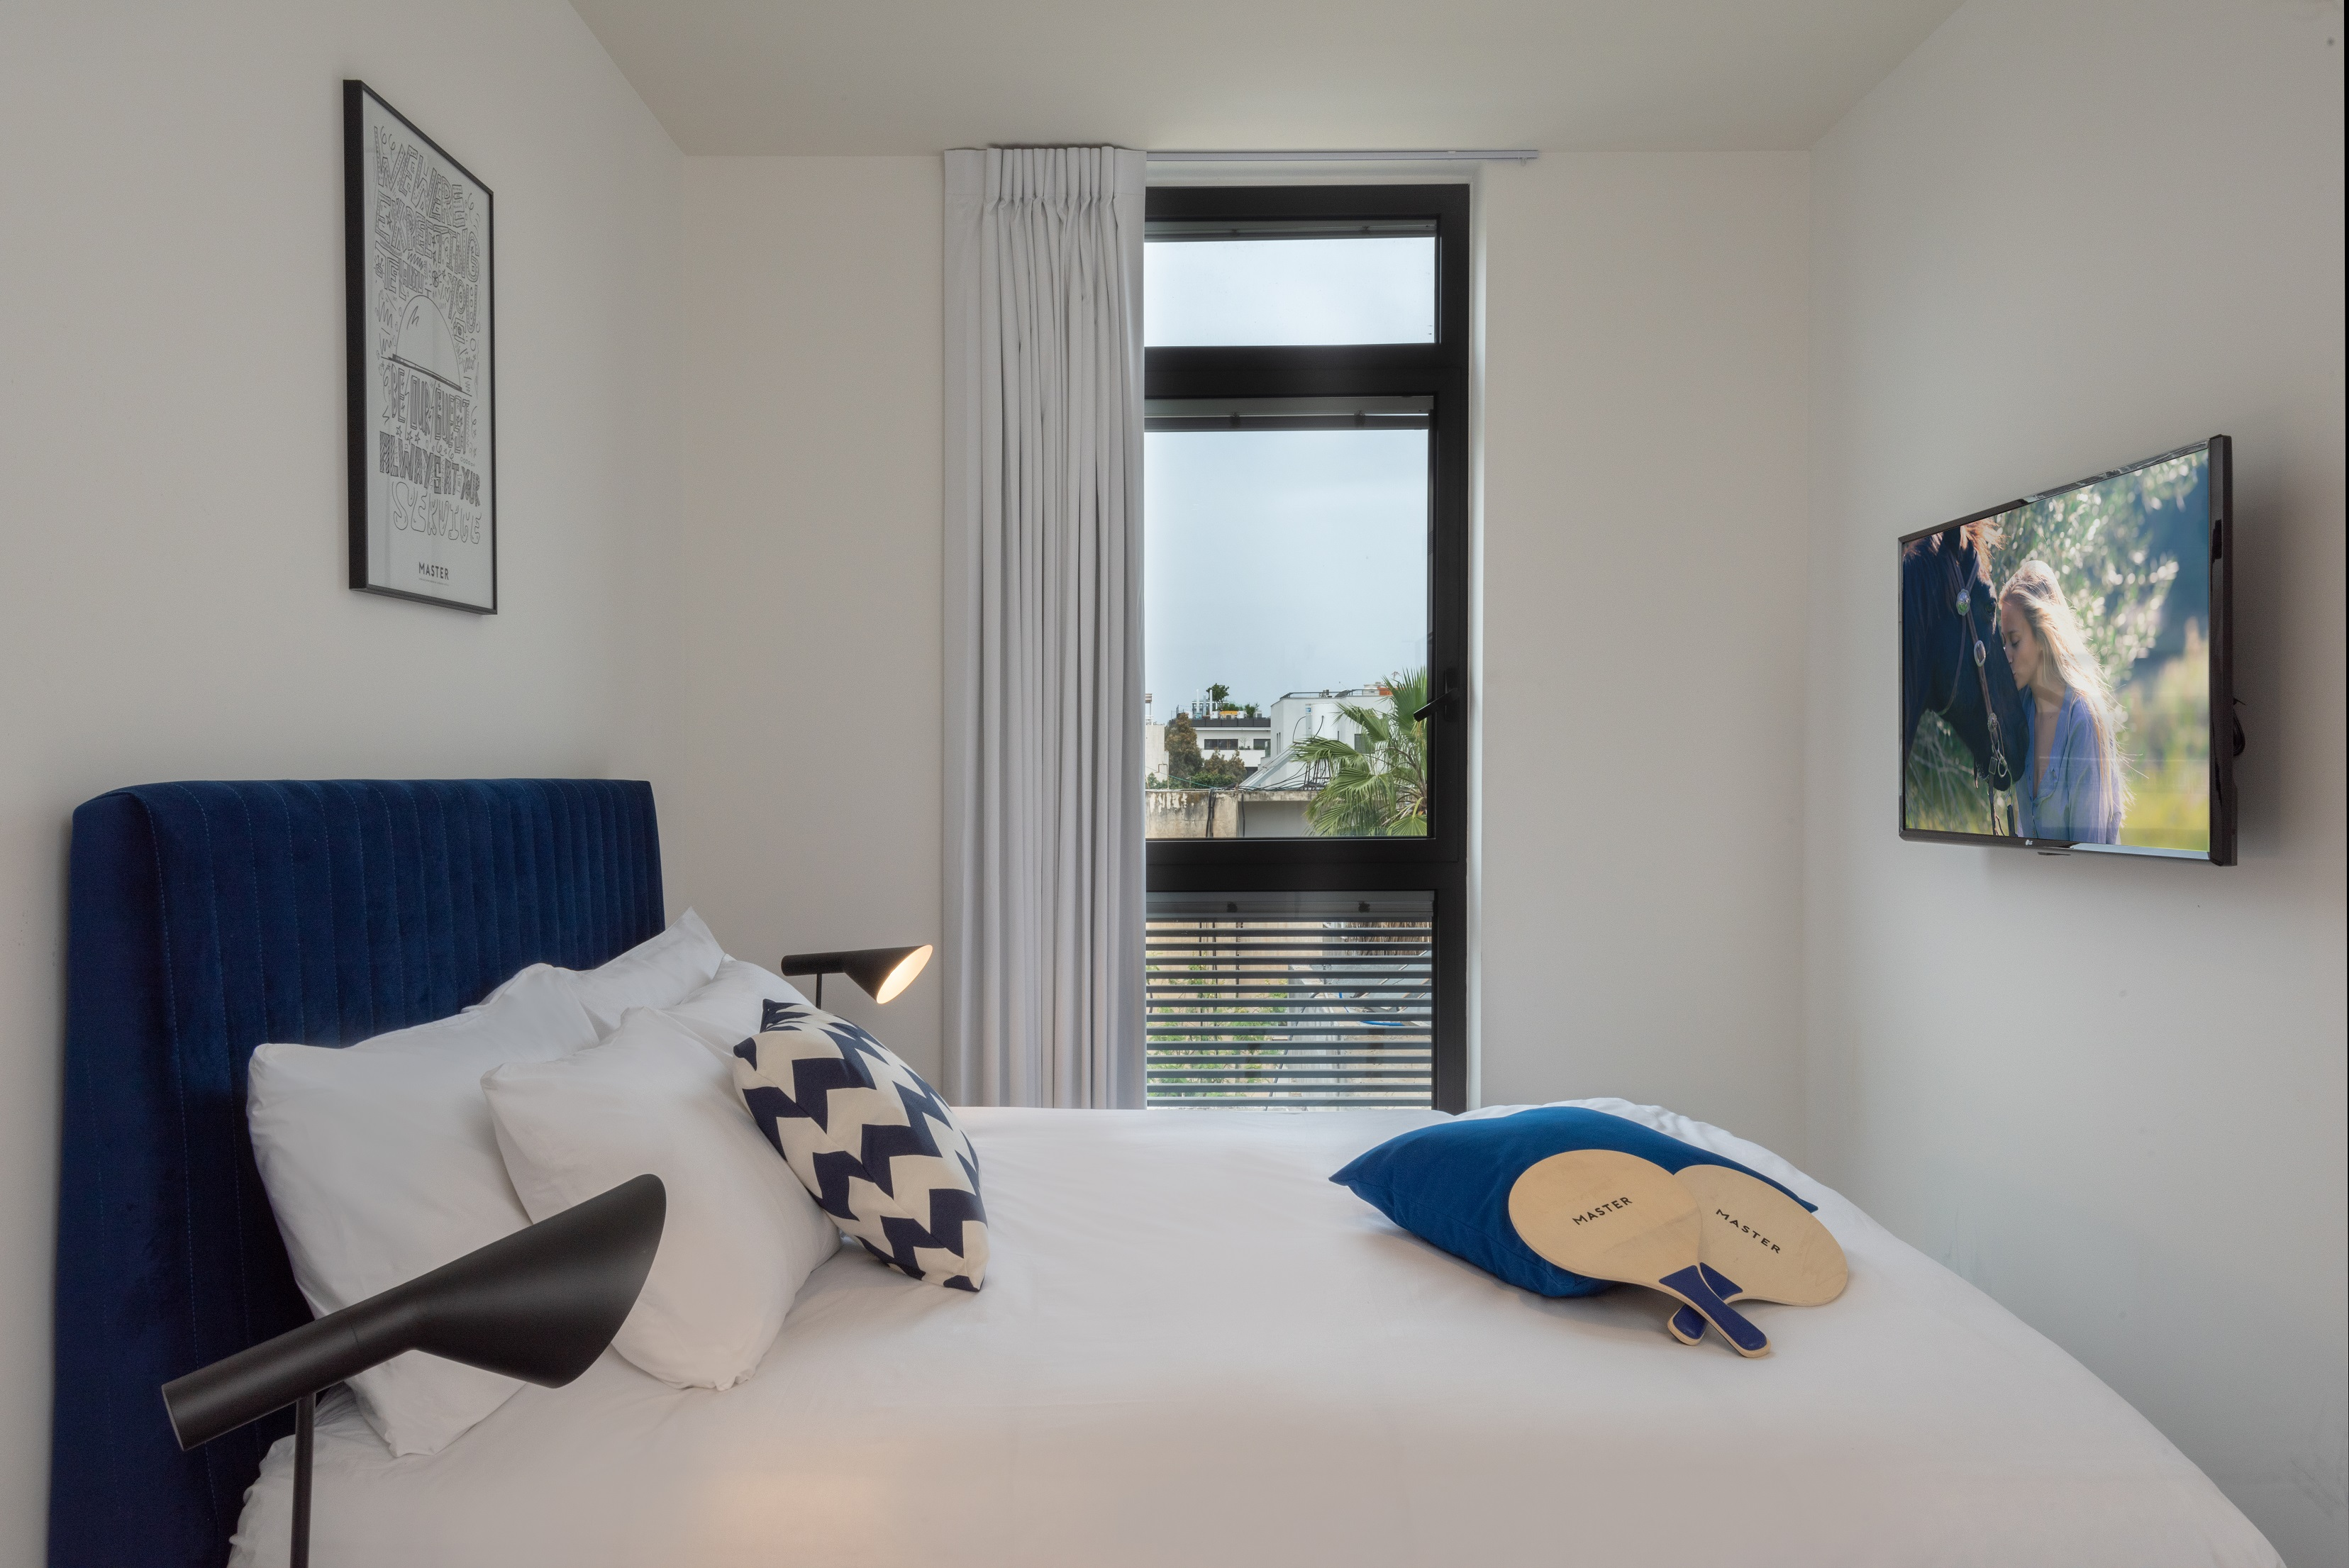 Three Bedroom Apartment no Balcony photo 19116930